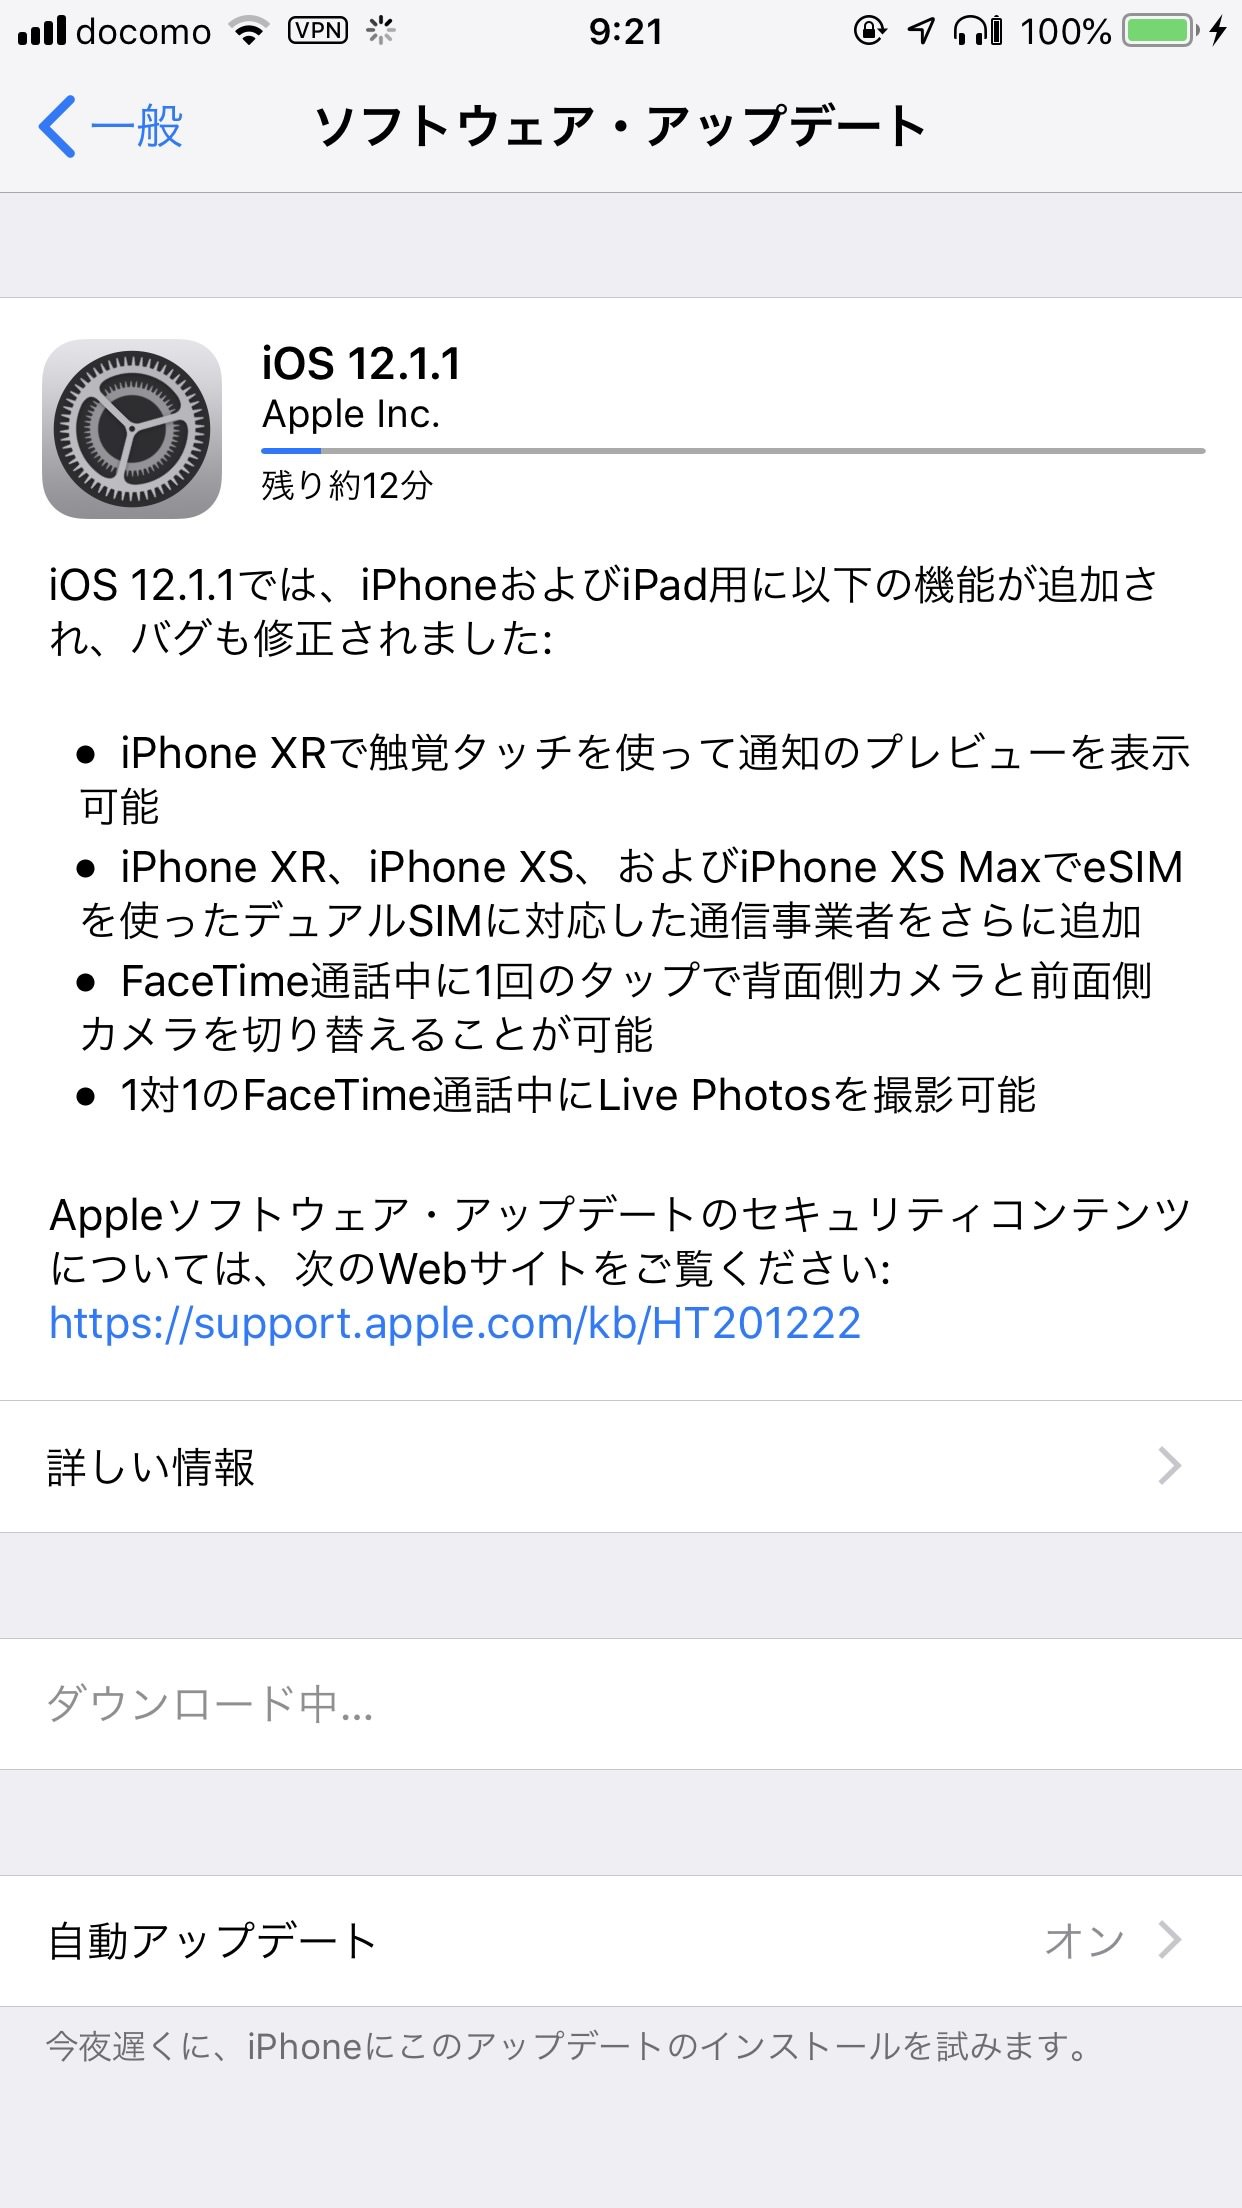 【iOS 12】「iOS 12.1.1 ソフトウェア・アップデート」リリース 〜iPhone XR/XSで機能改善など